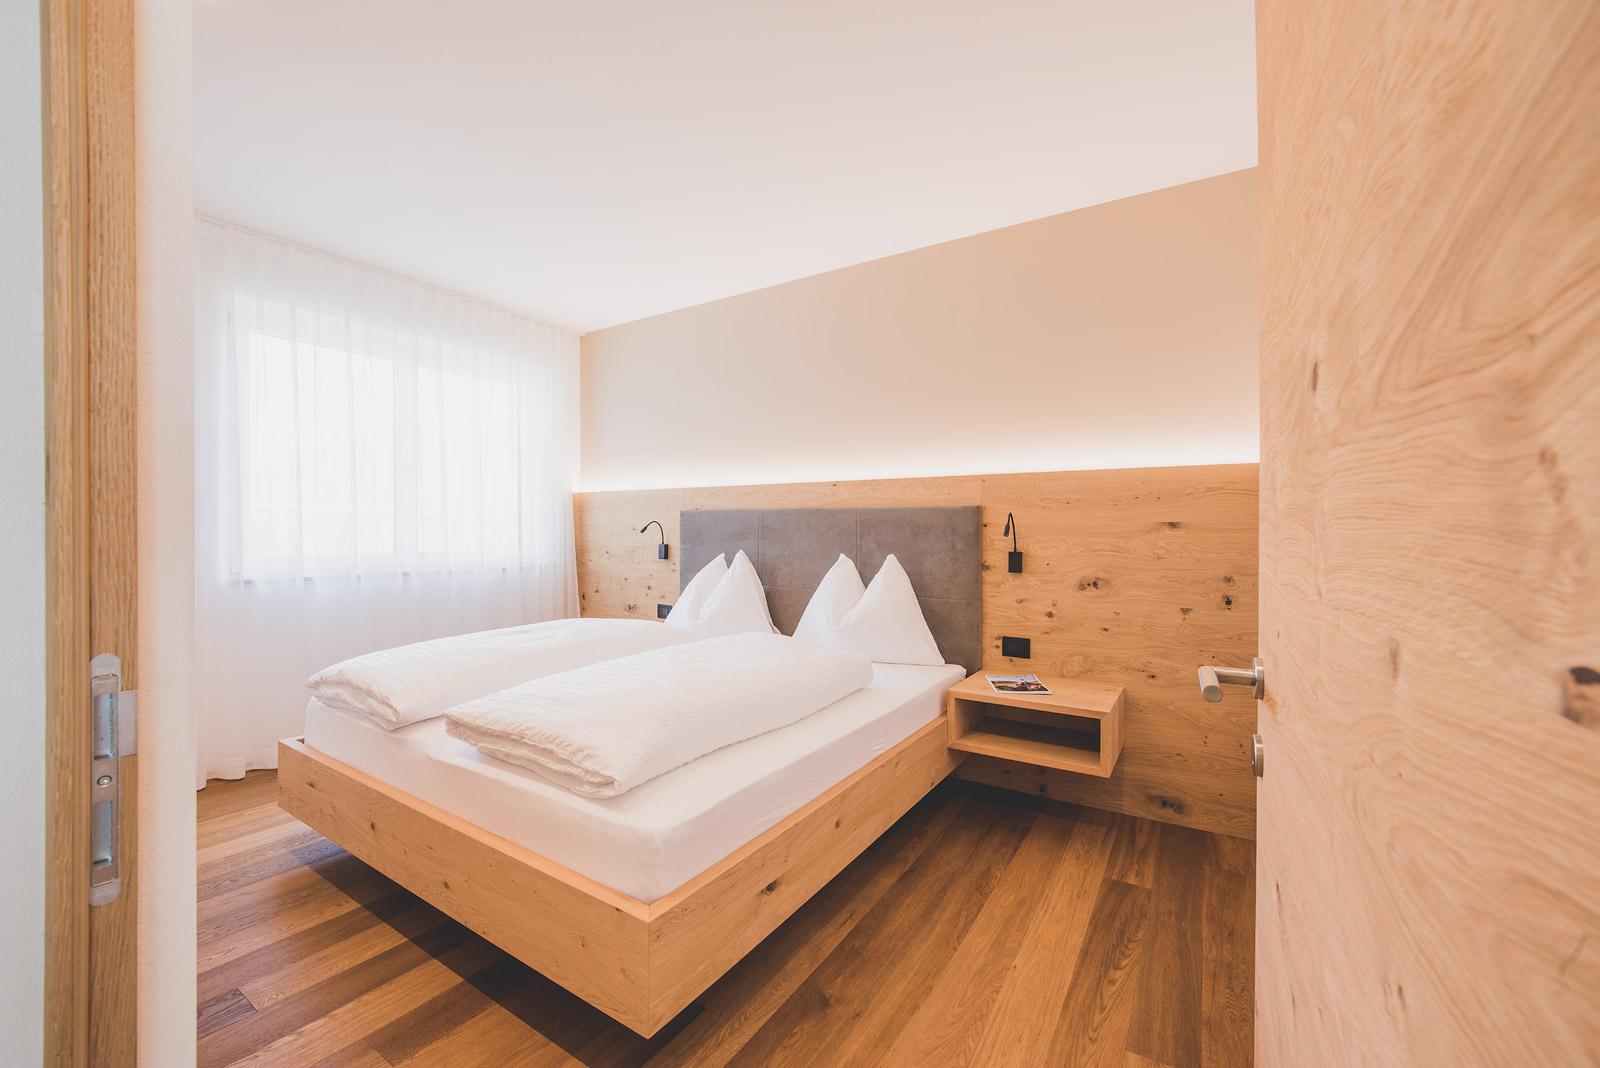 Schlafzimmer Wohnung Anna – Sinnergut Nals – Sinnergut Nals – Deine ...